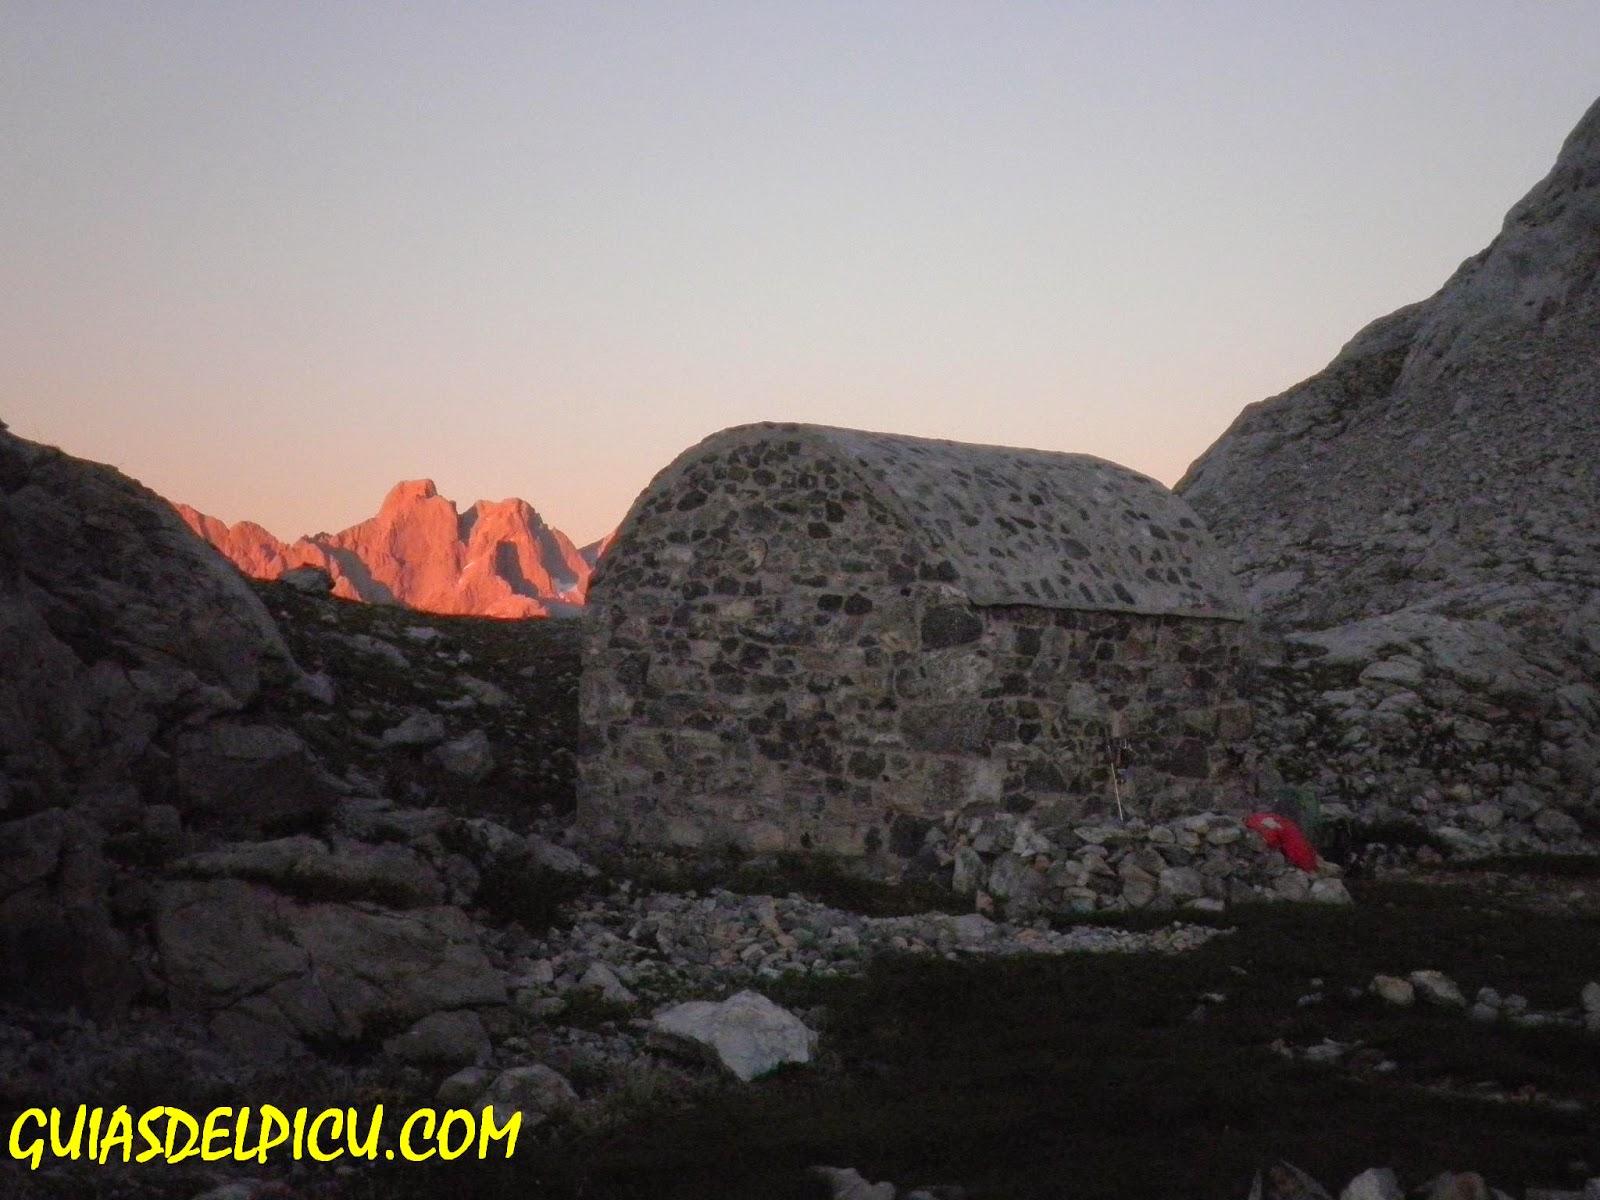 Guiasdelpicu.com , Fernando Calvo gonzalez Guia de alta montaña , escaladas al naranjo y Peñasanta